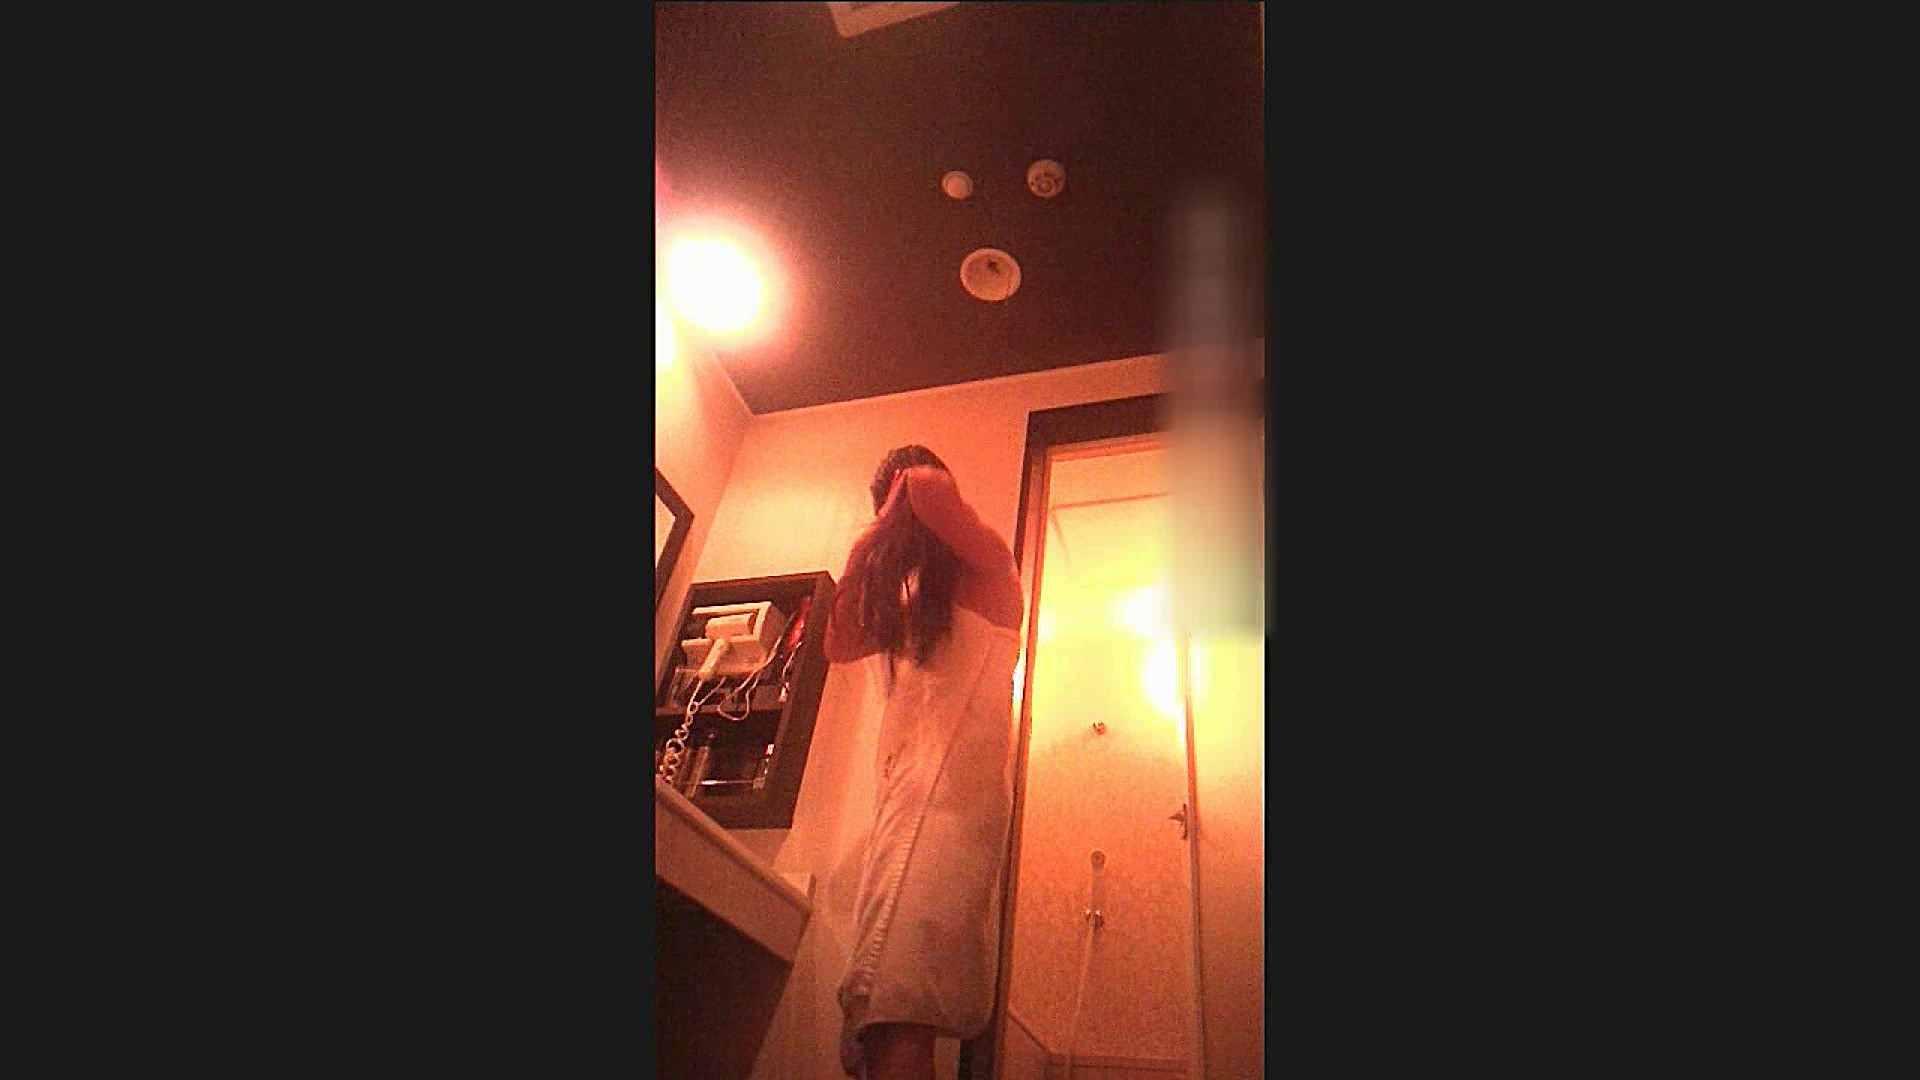 厚化粧はこの日だけ。。 ひまるちゃん Vol. 20  脱衣編 お嬢様のエロ動画 エロ画像 109枚 15